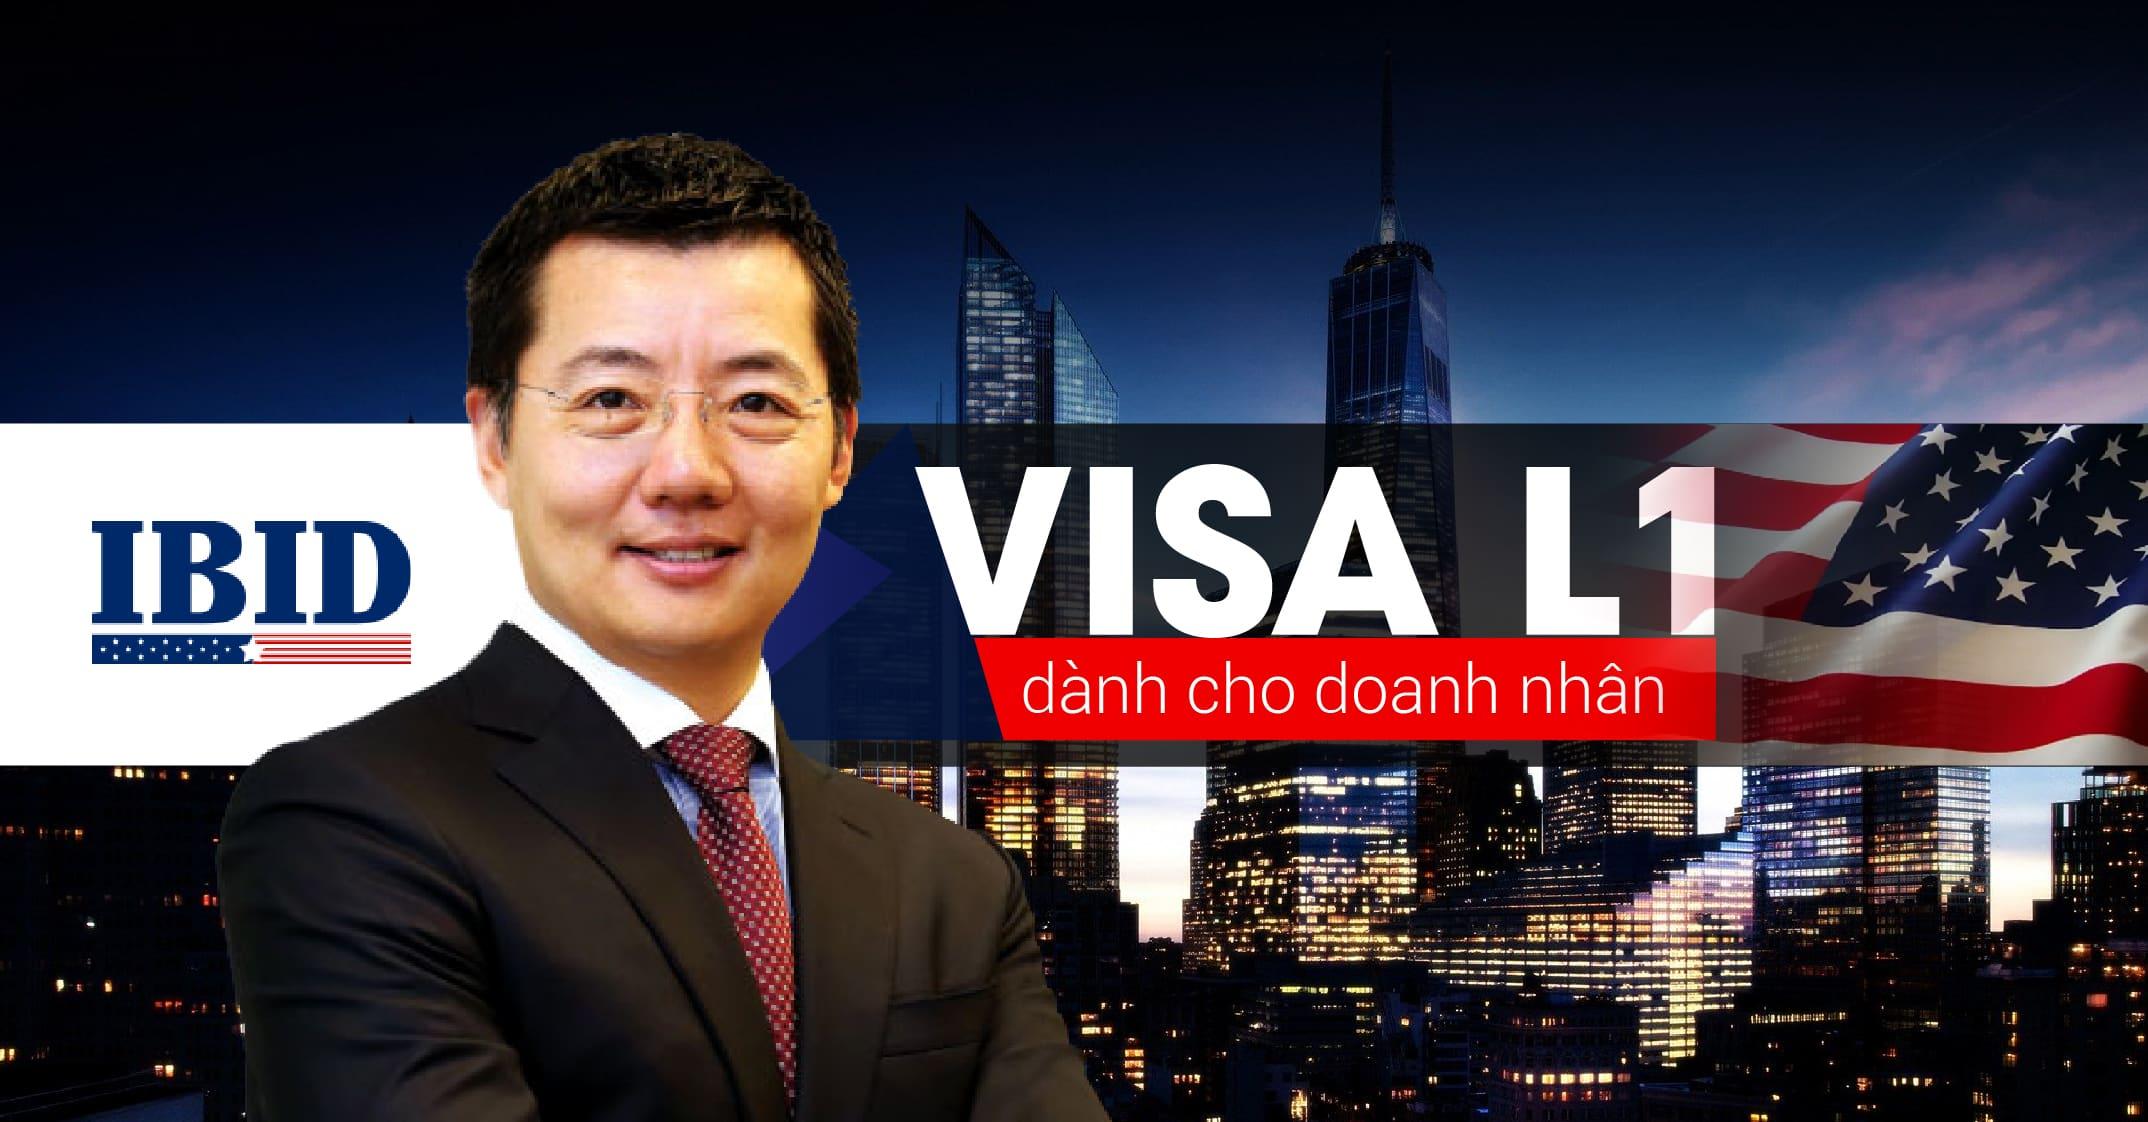 Điều kiện và lợi ích của visa L1